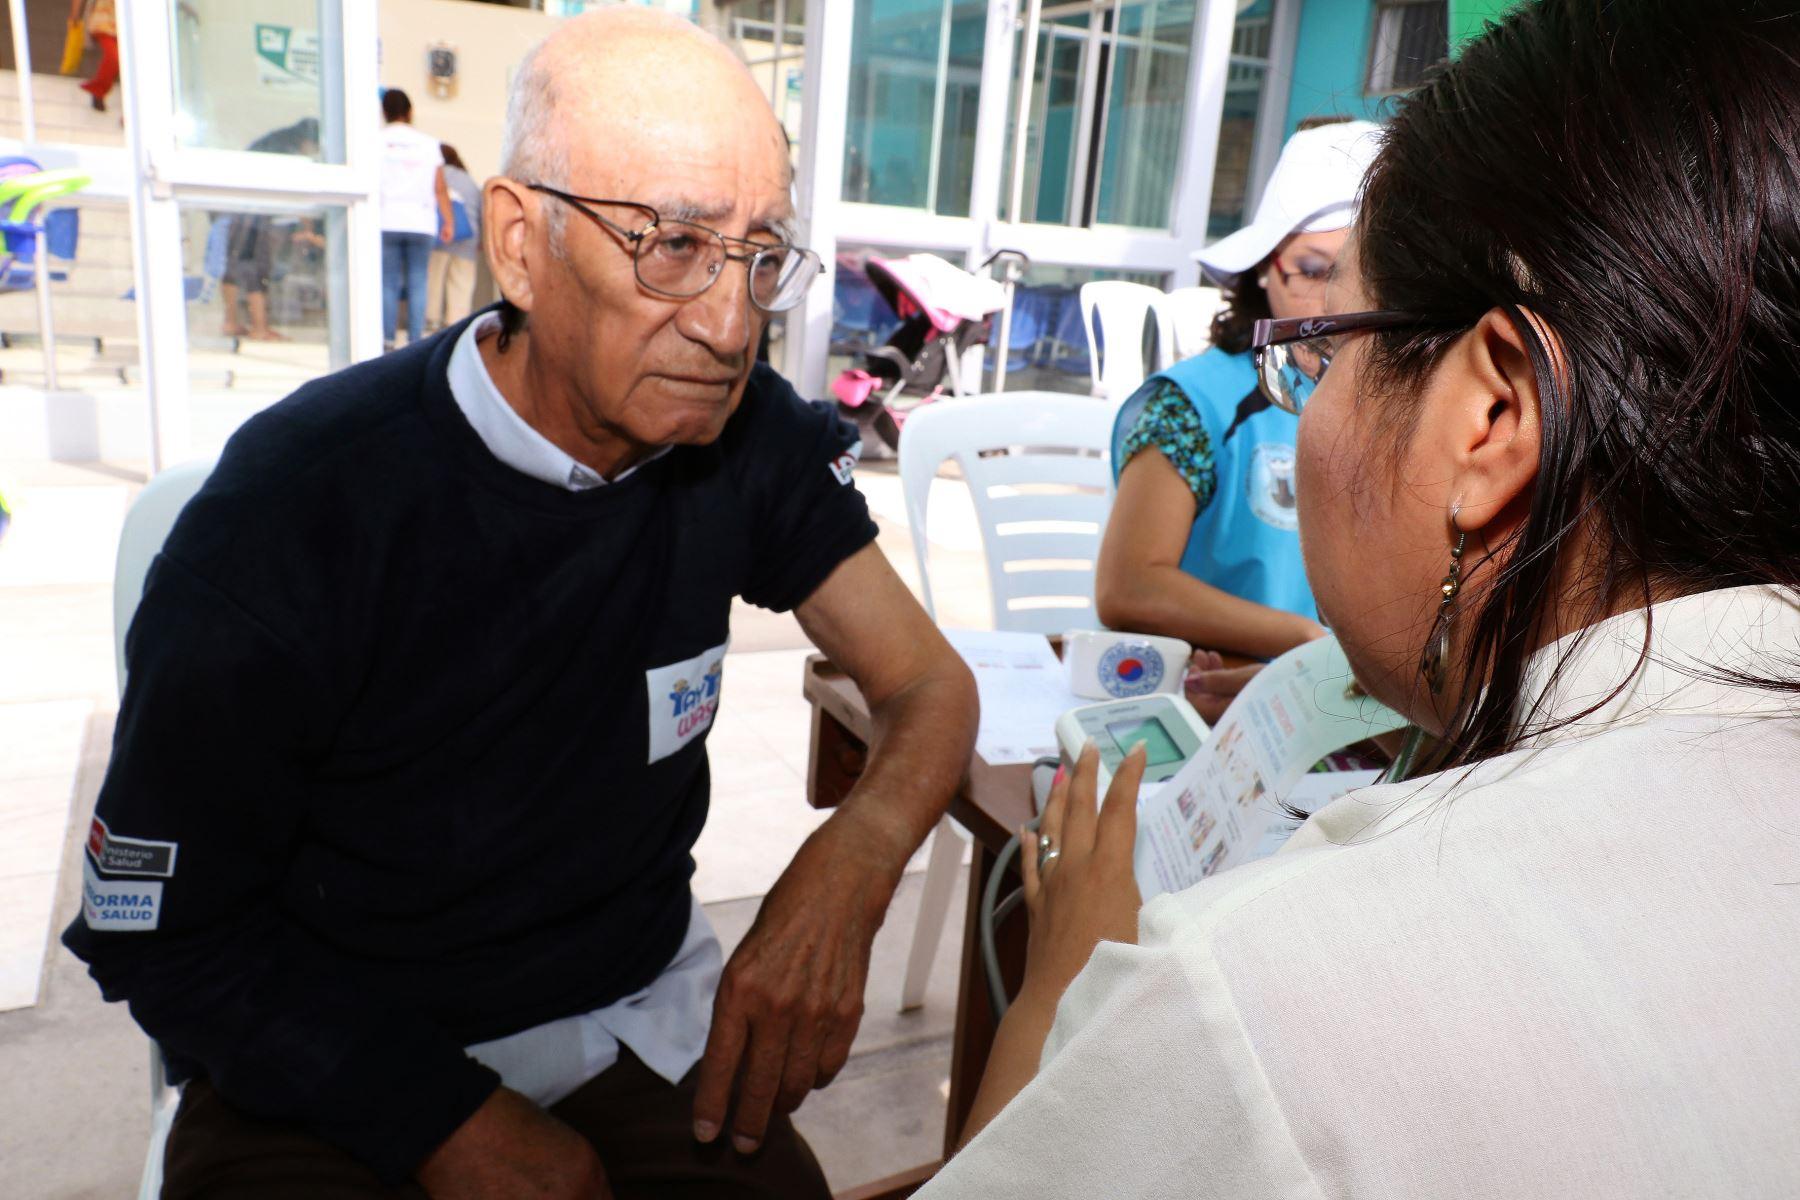 Centros de salud mental comunitarios ofrecen detección y tratamiento del alzheimer. Foto: Minsa